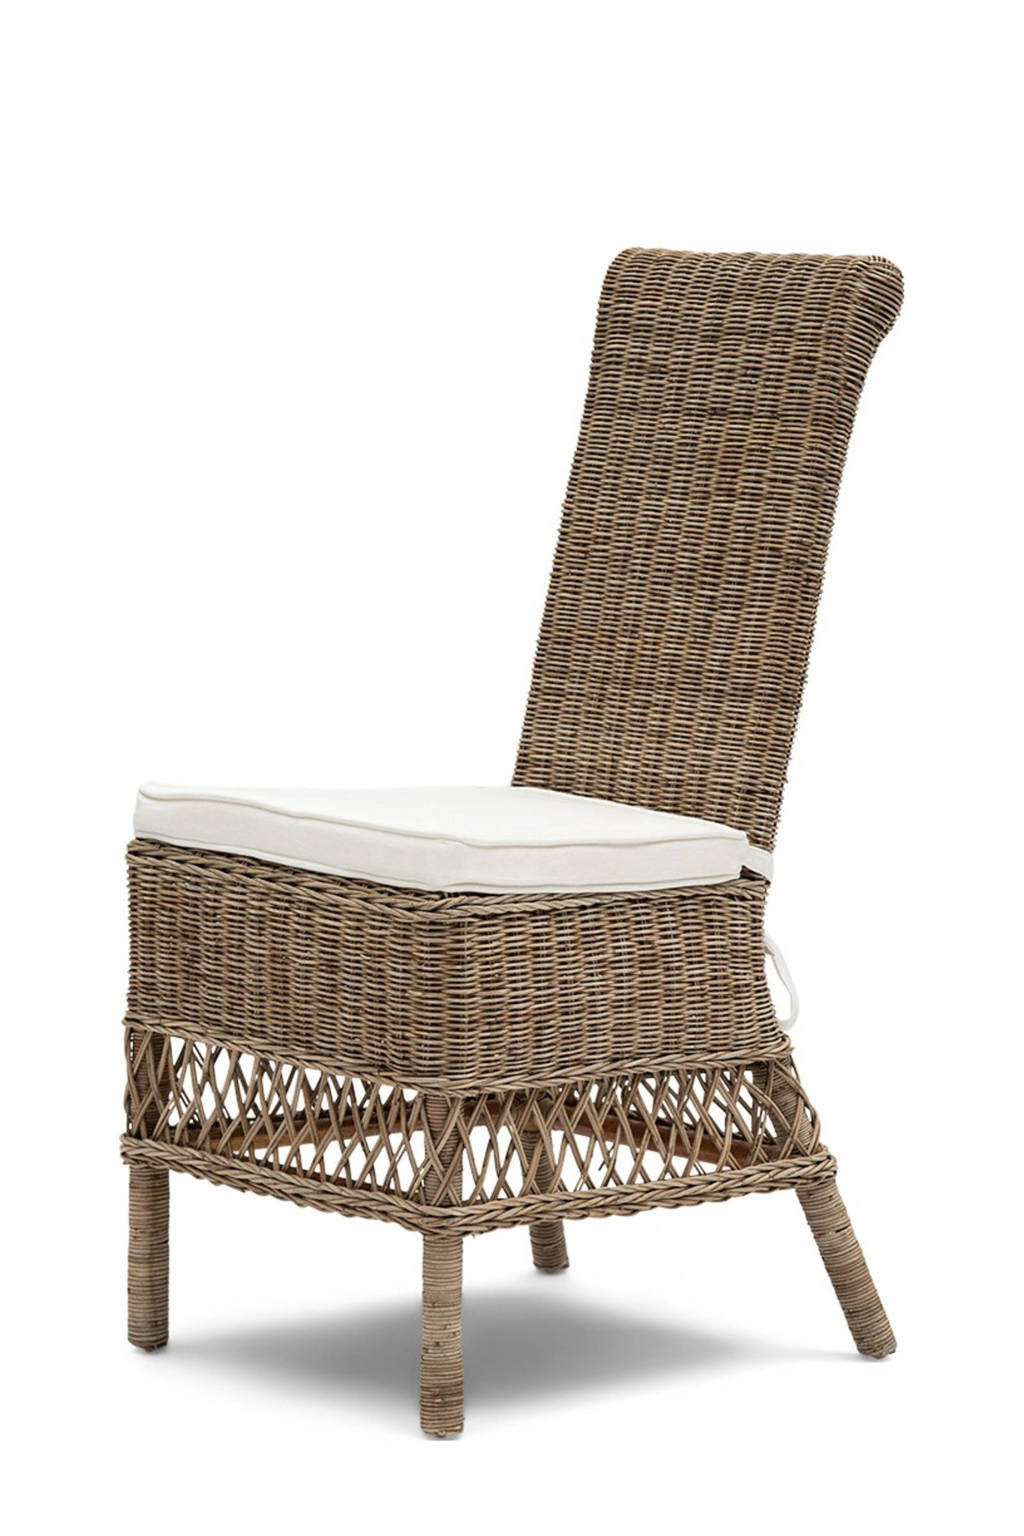 Rieten Eetkamerstoelen Riviera Maison.Eetkamerstoel St Malo Dining Chair